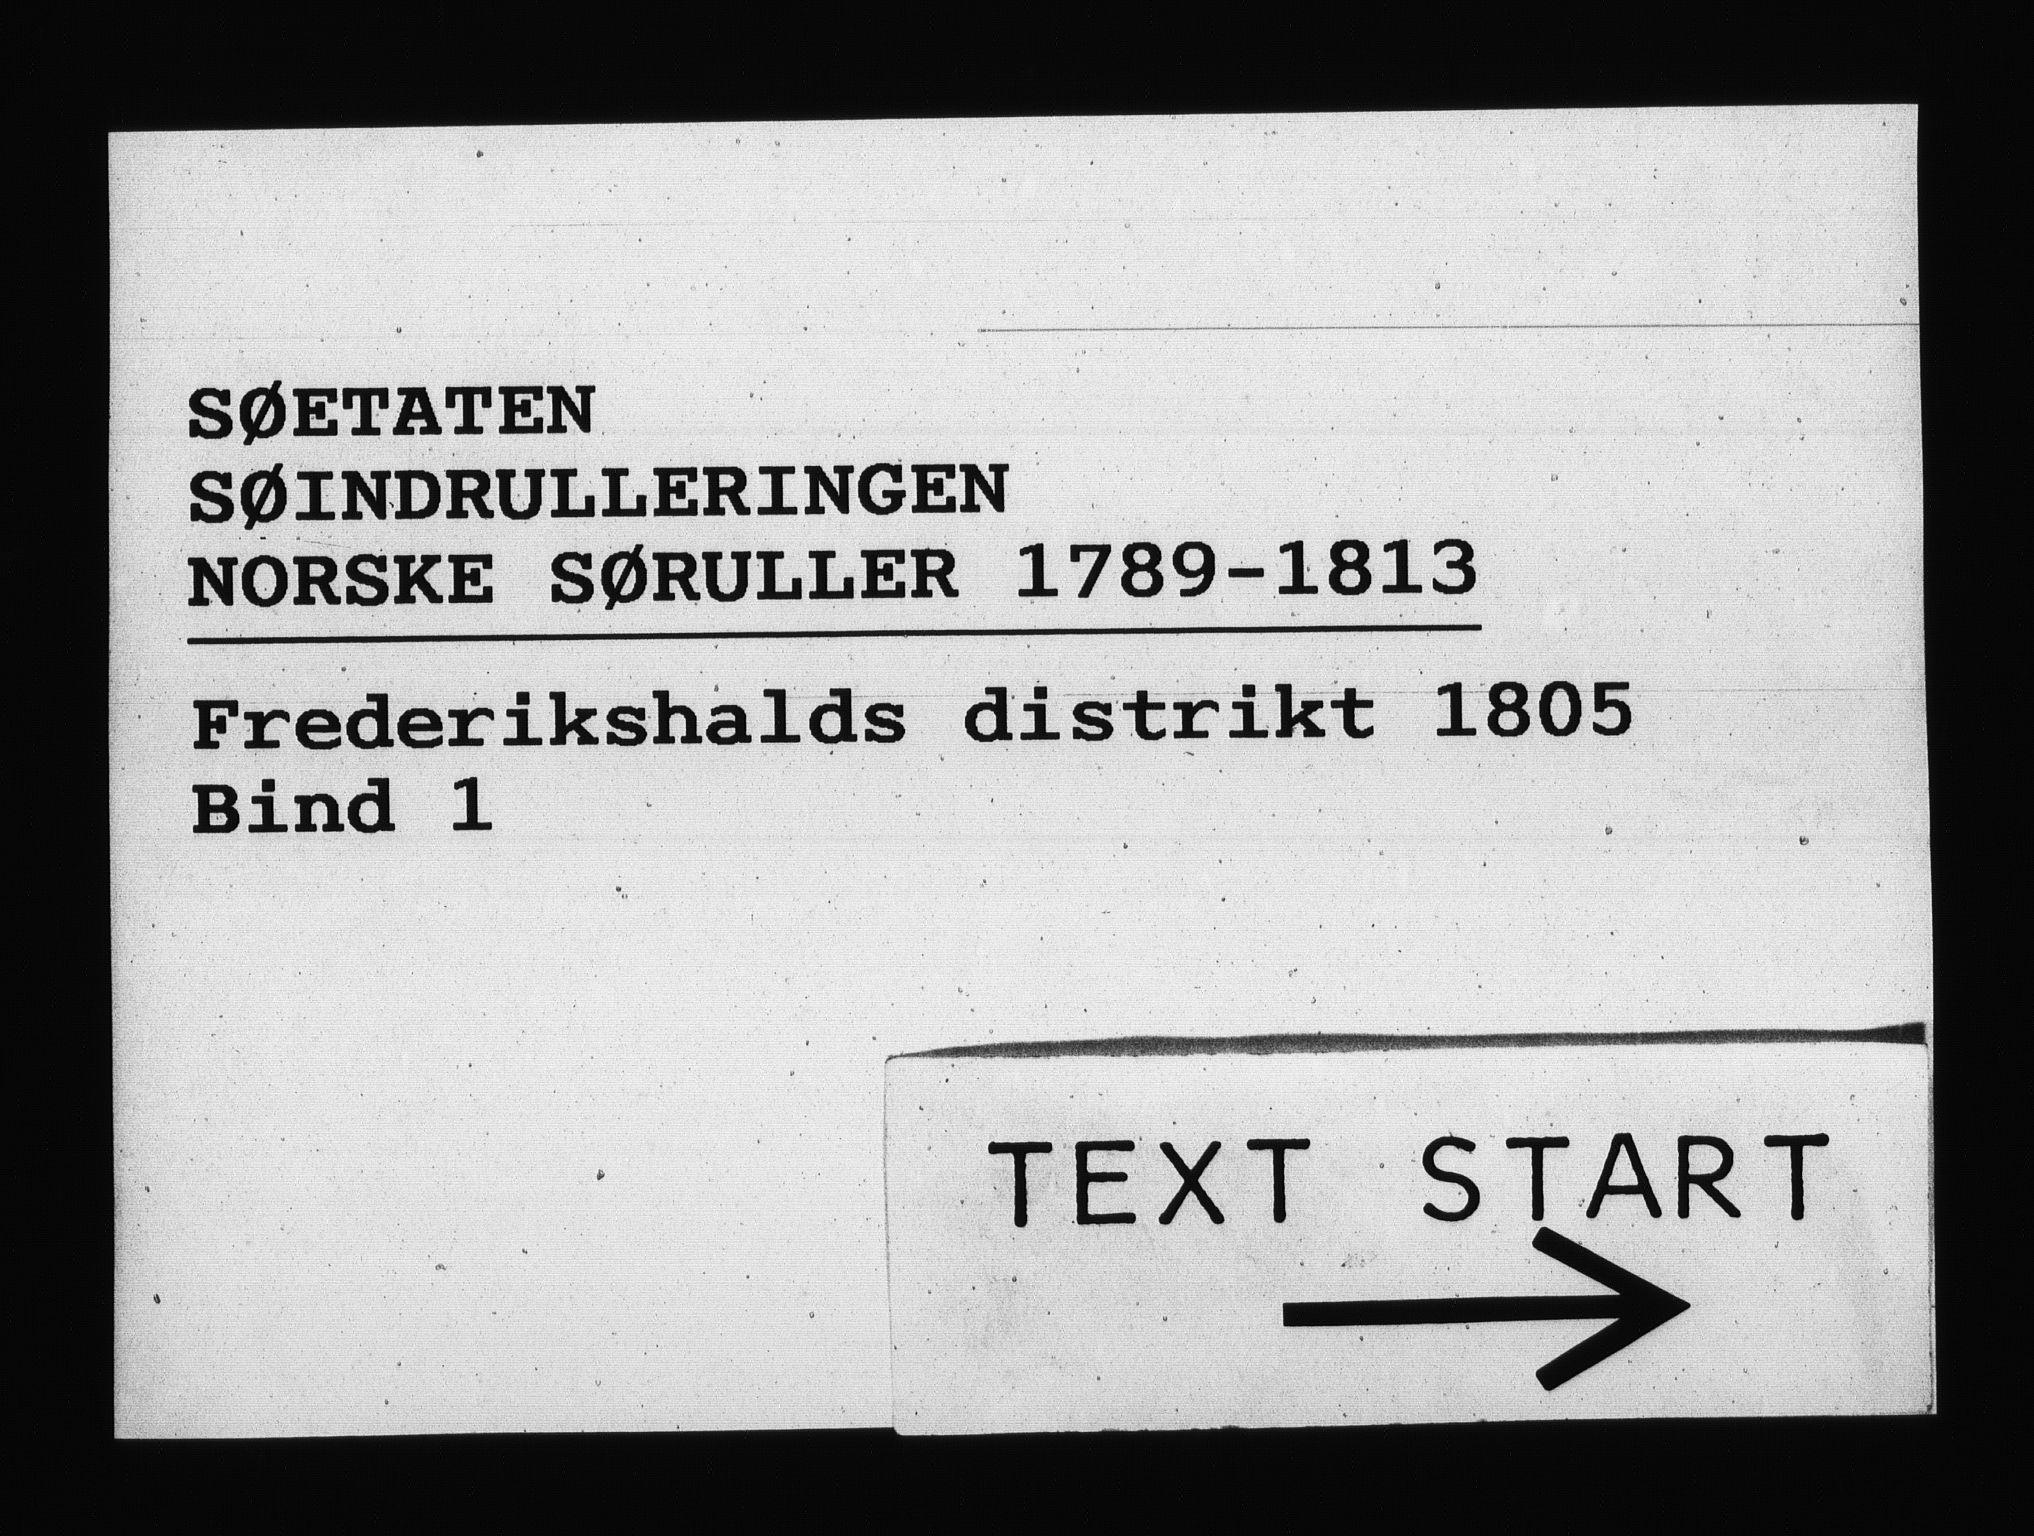 RA, Sjøetaten, F/L0199: Fredrikshalds distrikt, bind 1, 1805